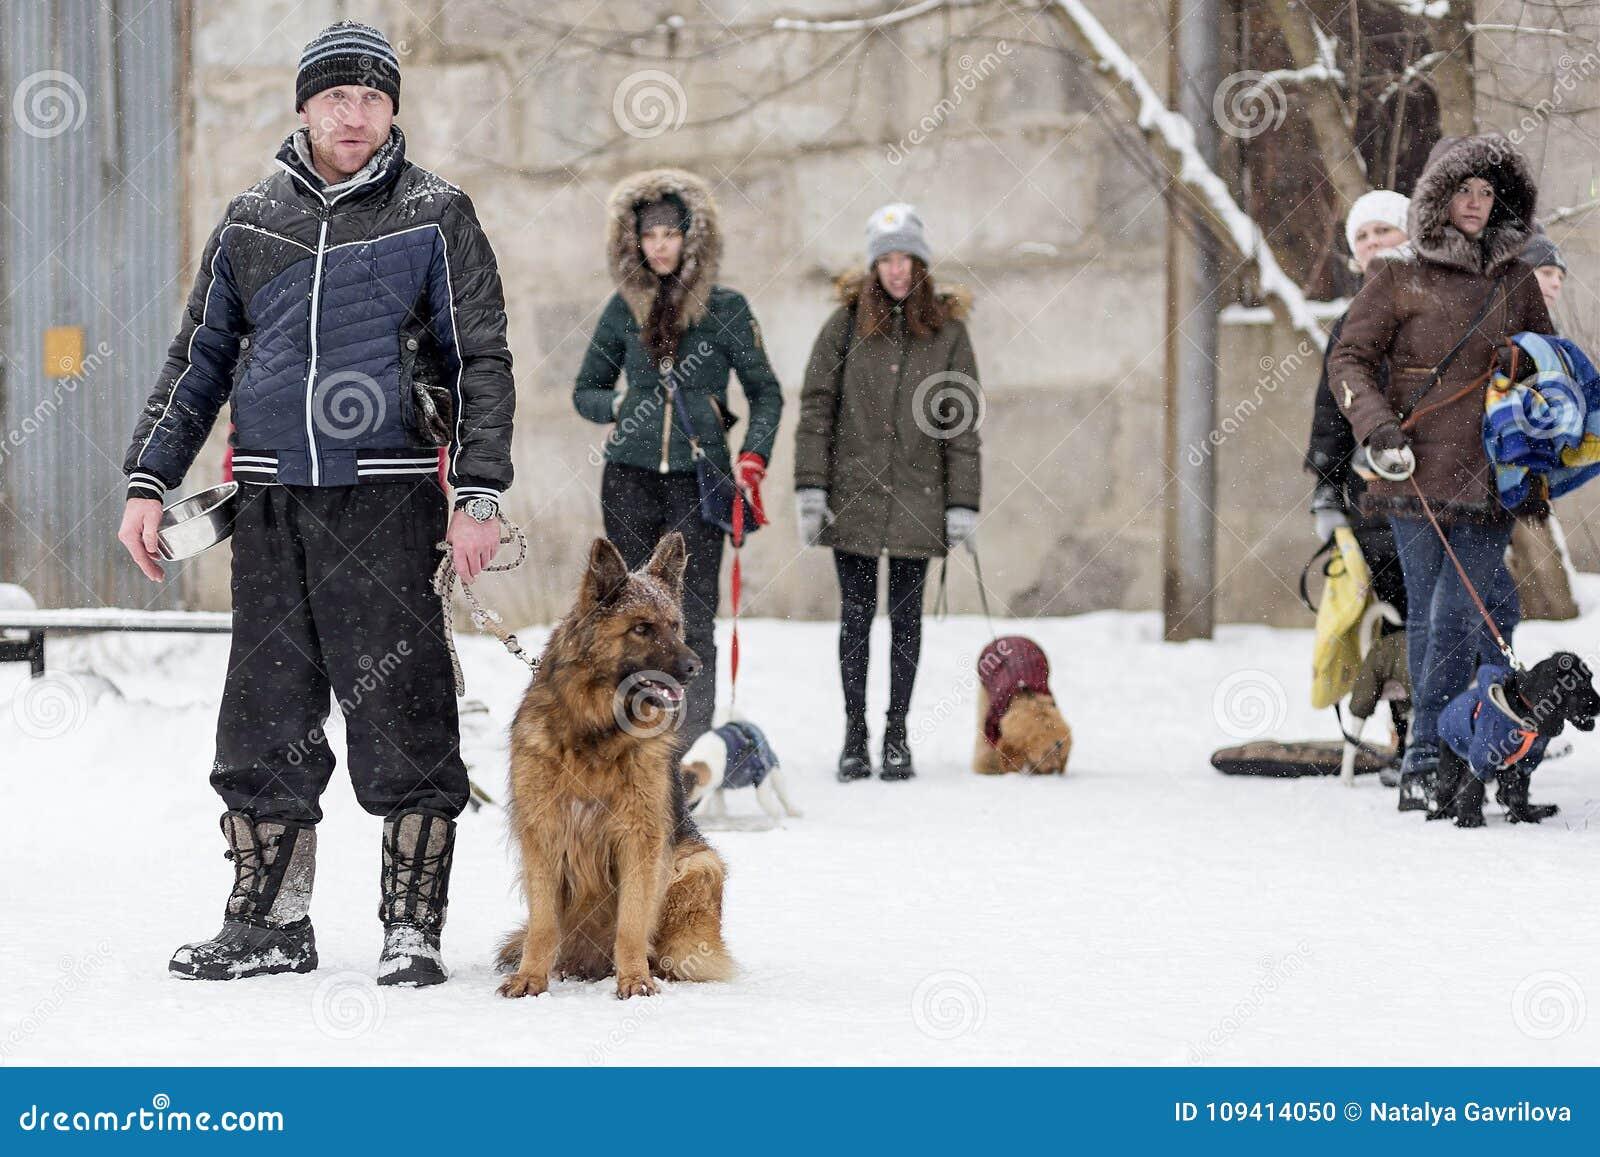 Sirva caminar con el pastor alemán, invierno, editorial